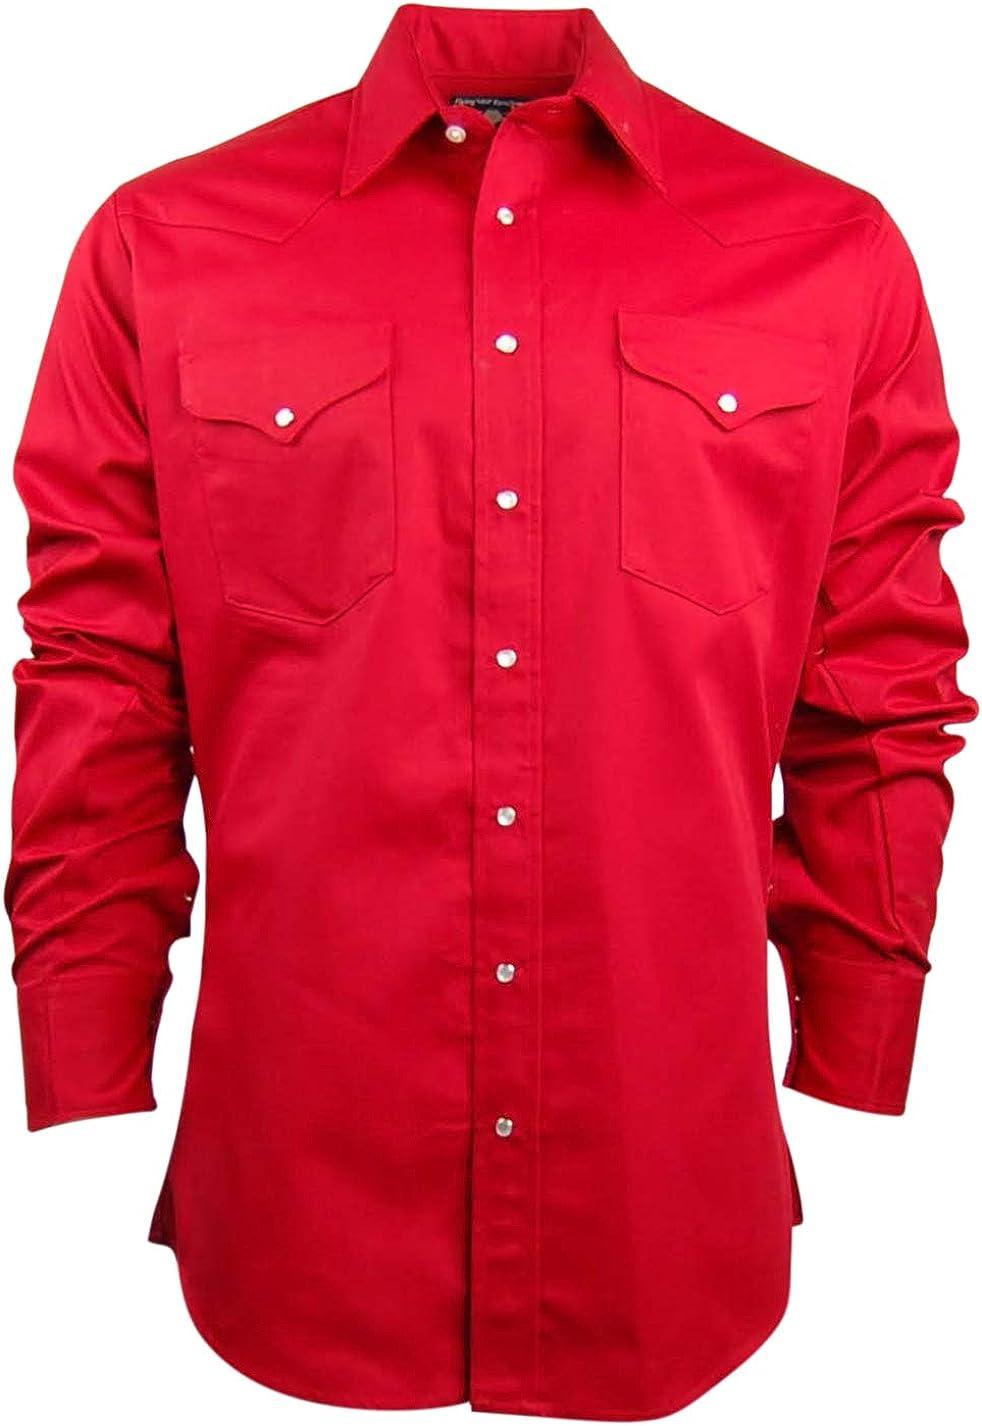 Ruddock Camisas para Hombre Corte Vaquero Western Camisa de Trabajo   Snap Front   Fabricado en Estados Unidos